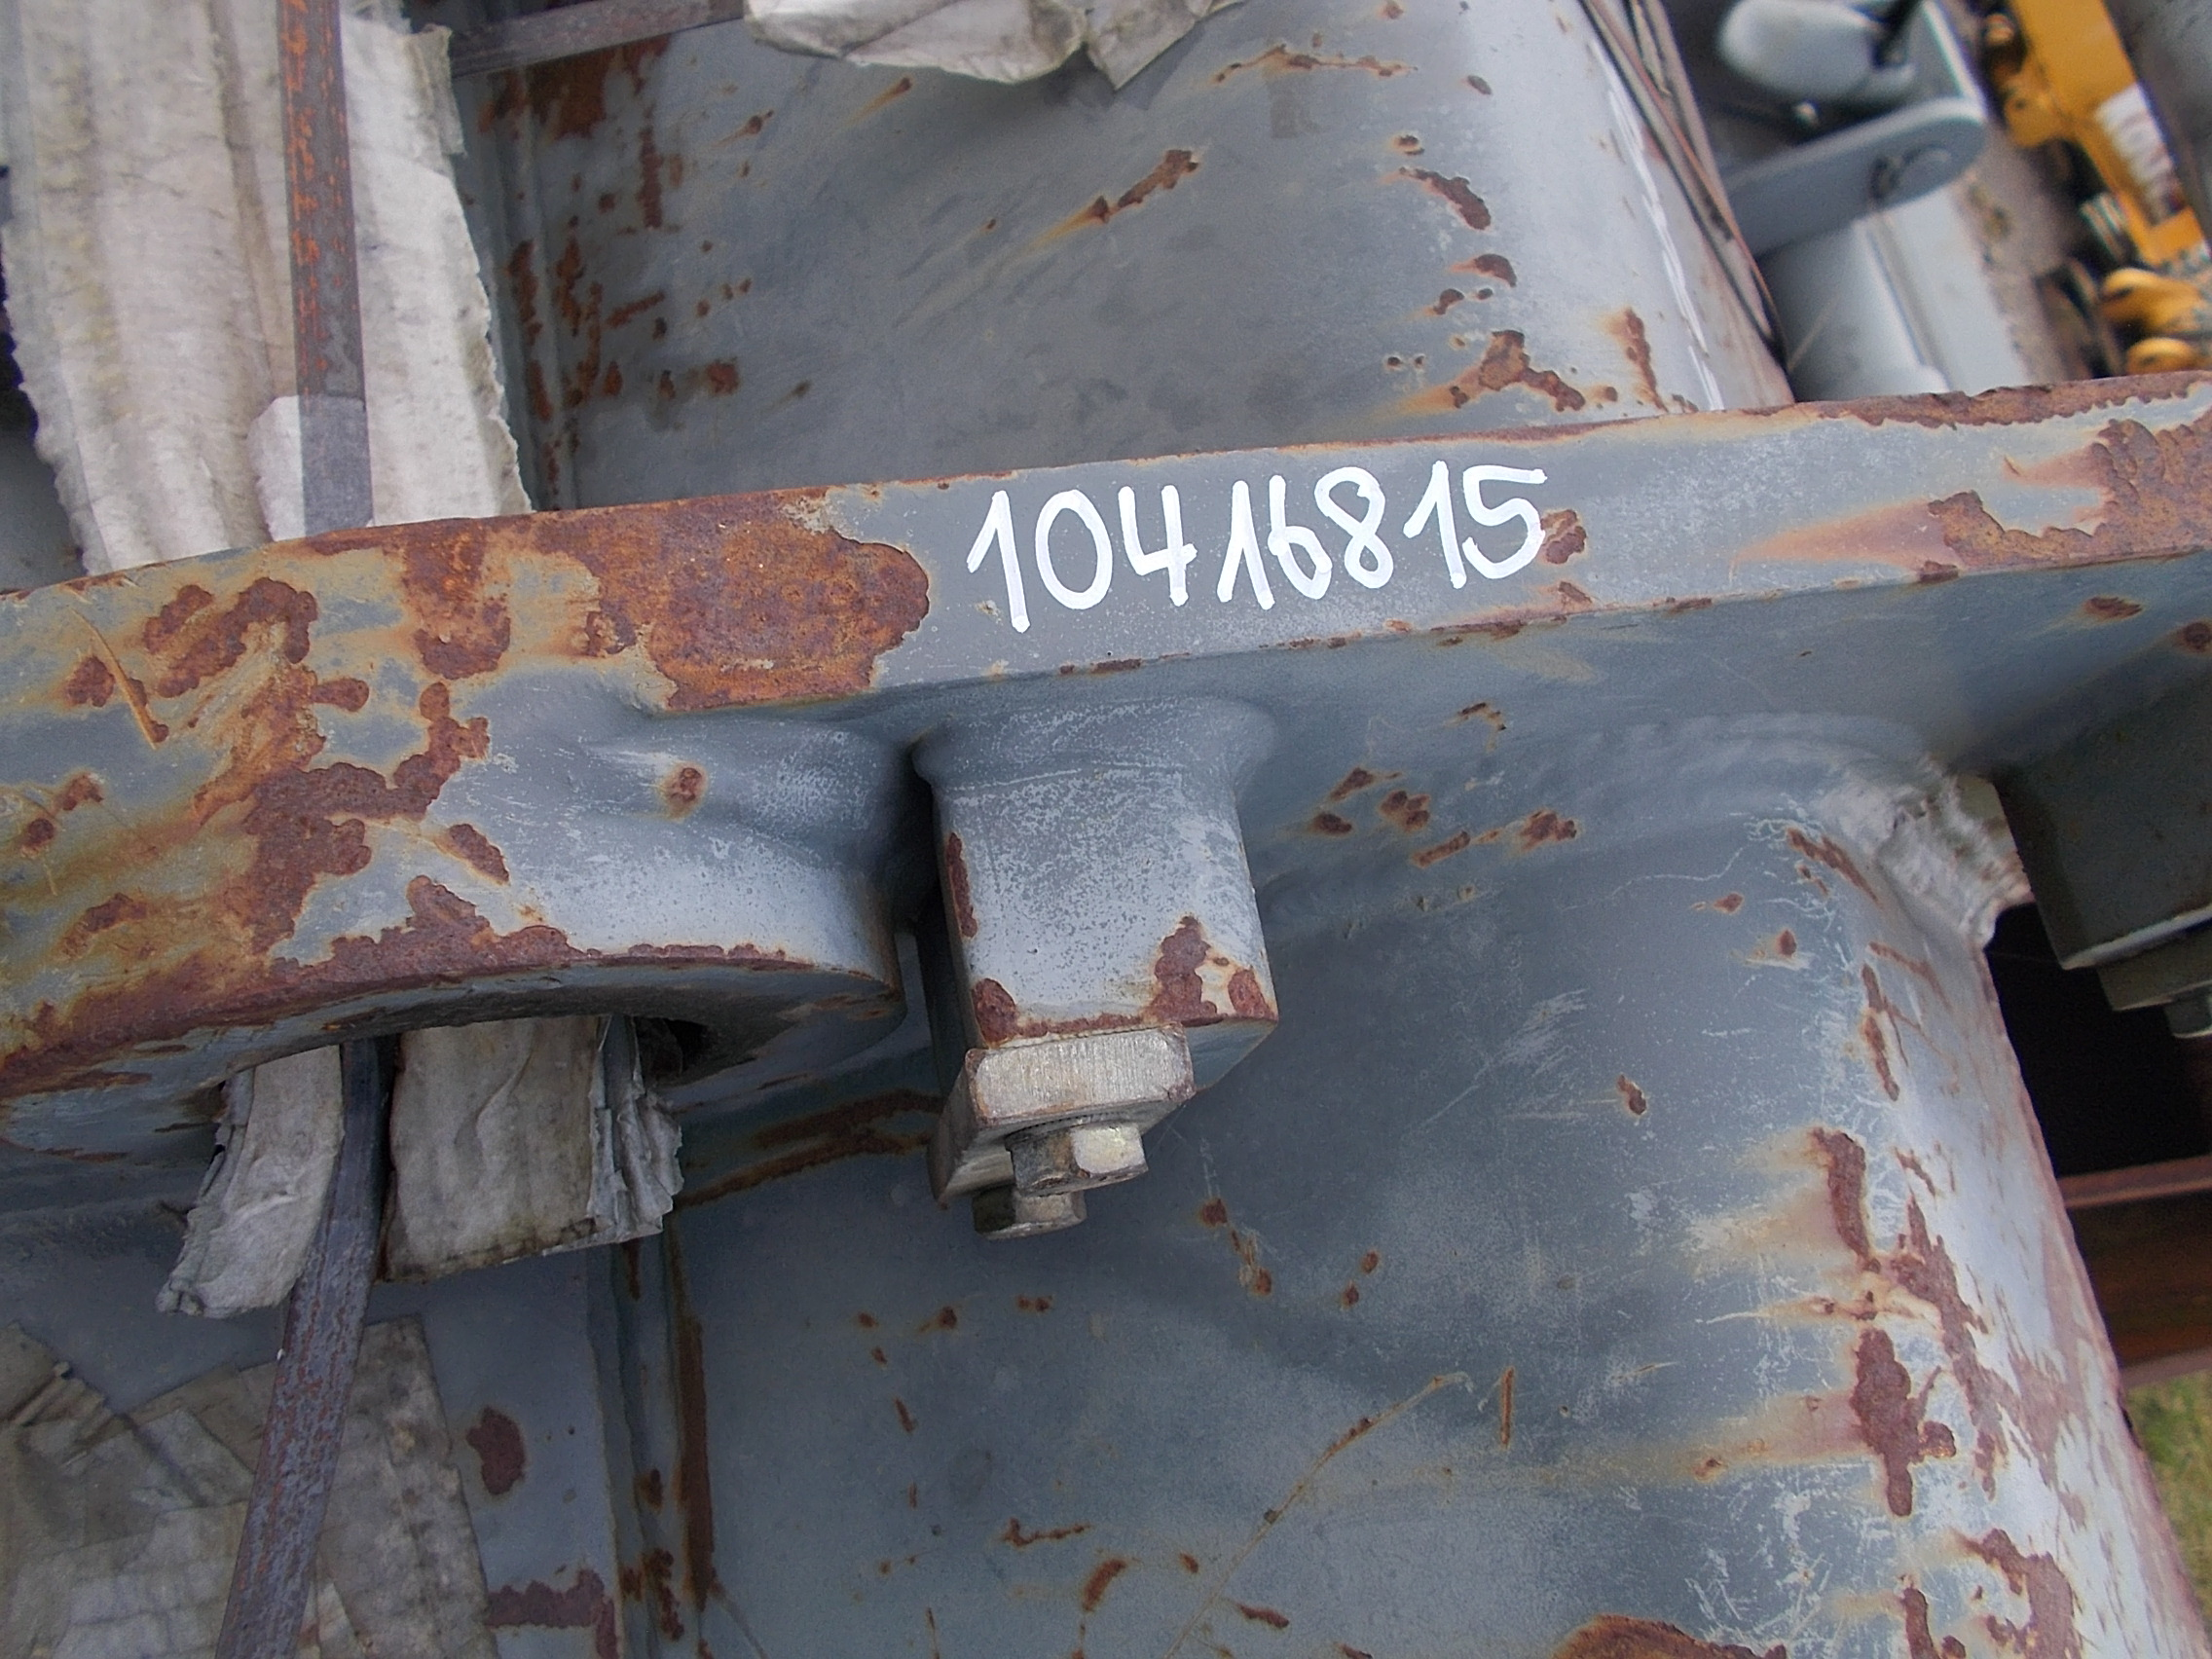 DSCN3045.JPG